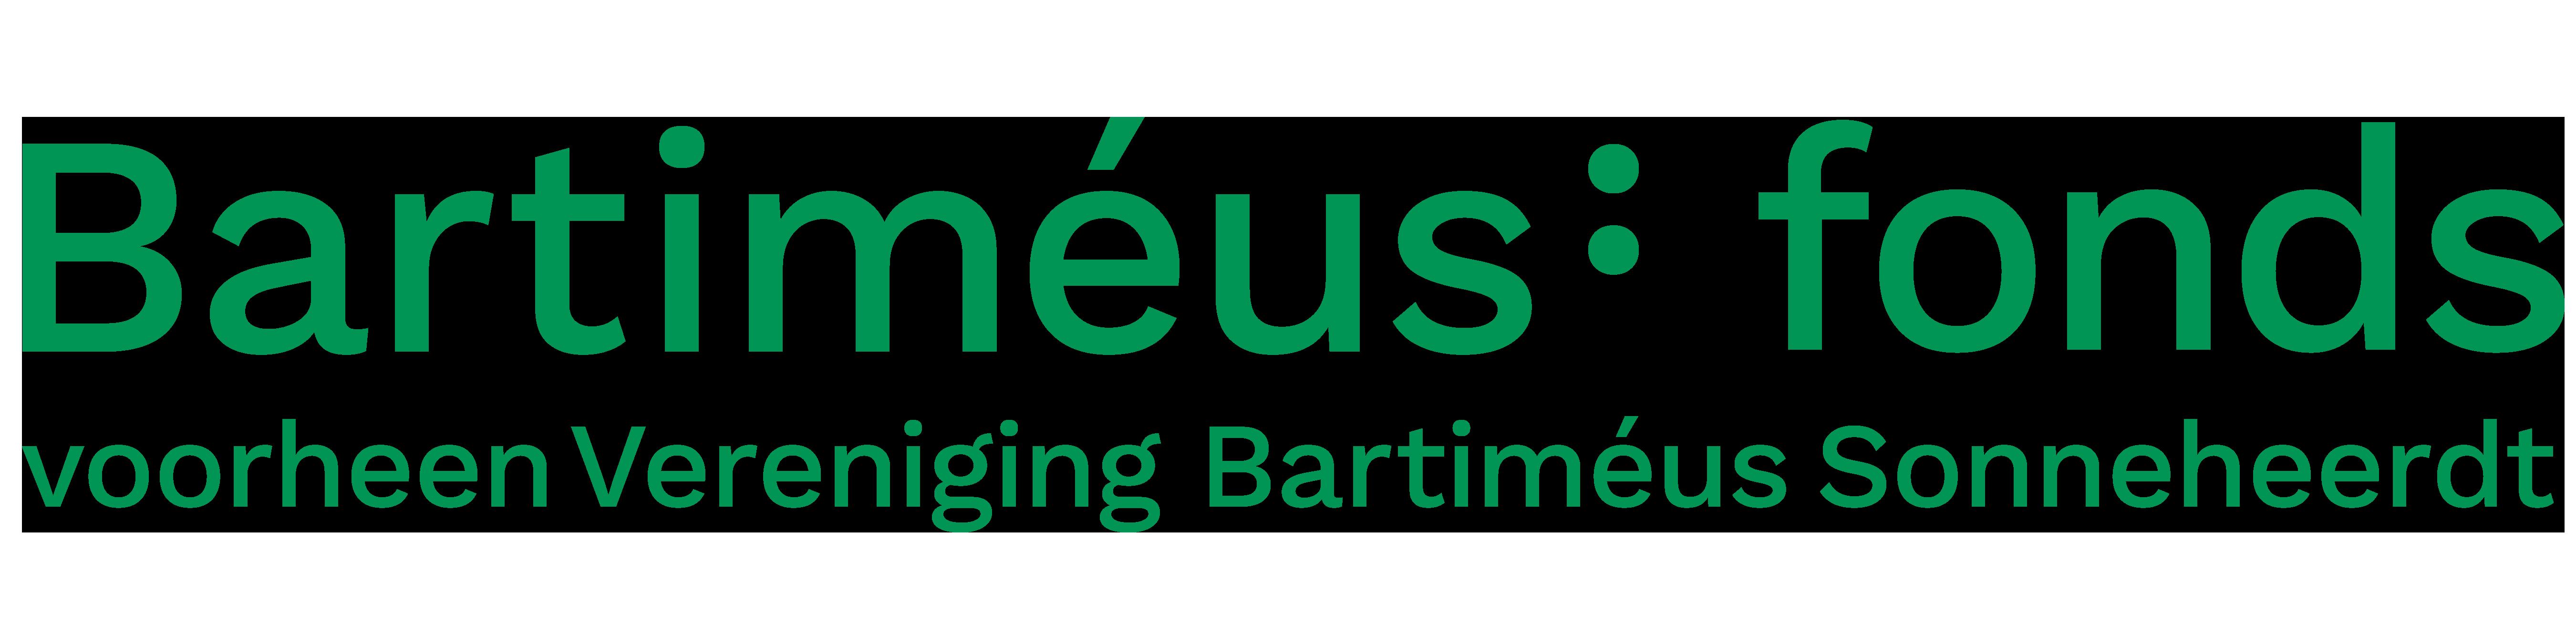 bartimeus_fonds